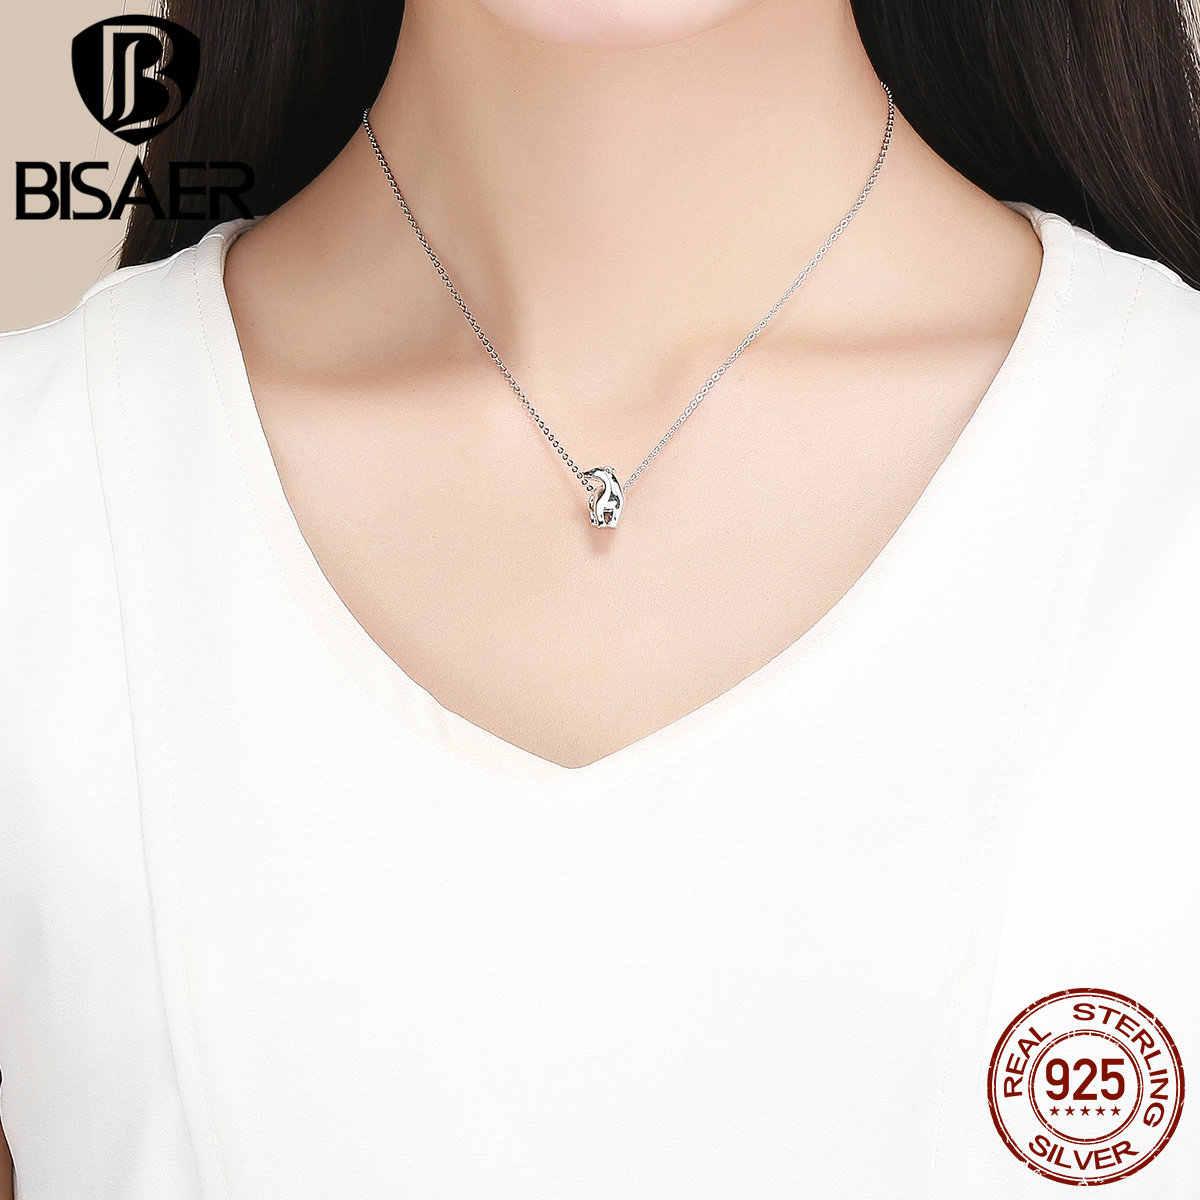 BISAER, Настоящее серебро 100% 925 пробы, высокое качество, полярный медведь, Очаровательные Подвески, оригинальный 925 серебряный браслет, ювелирное изделие HVC058